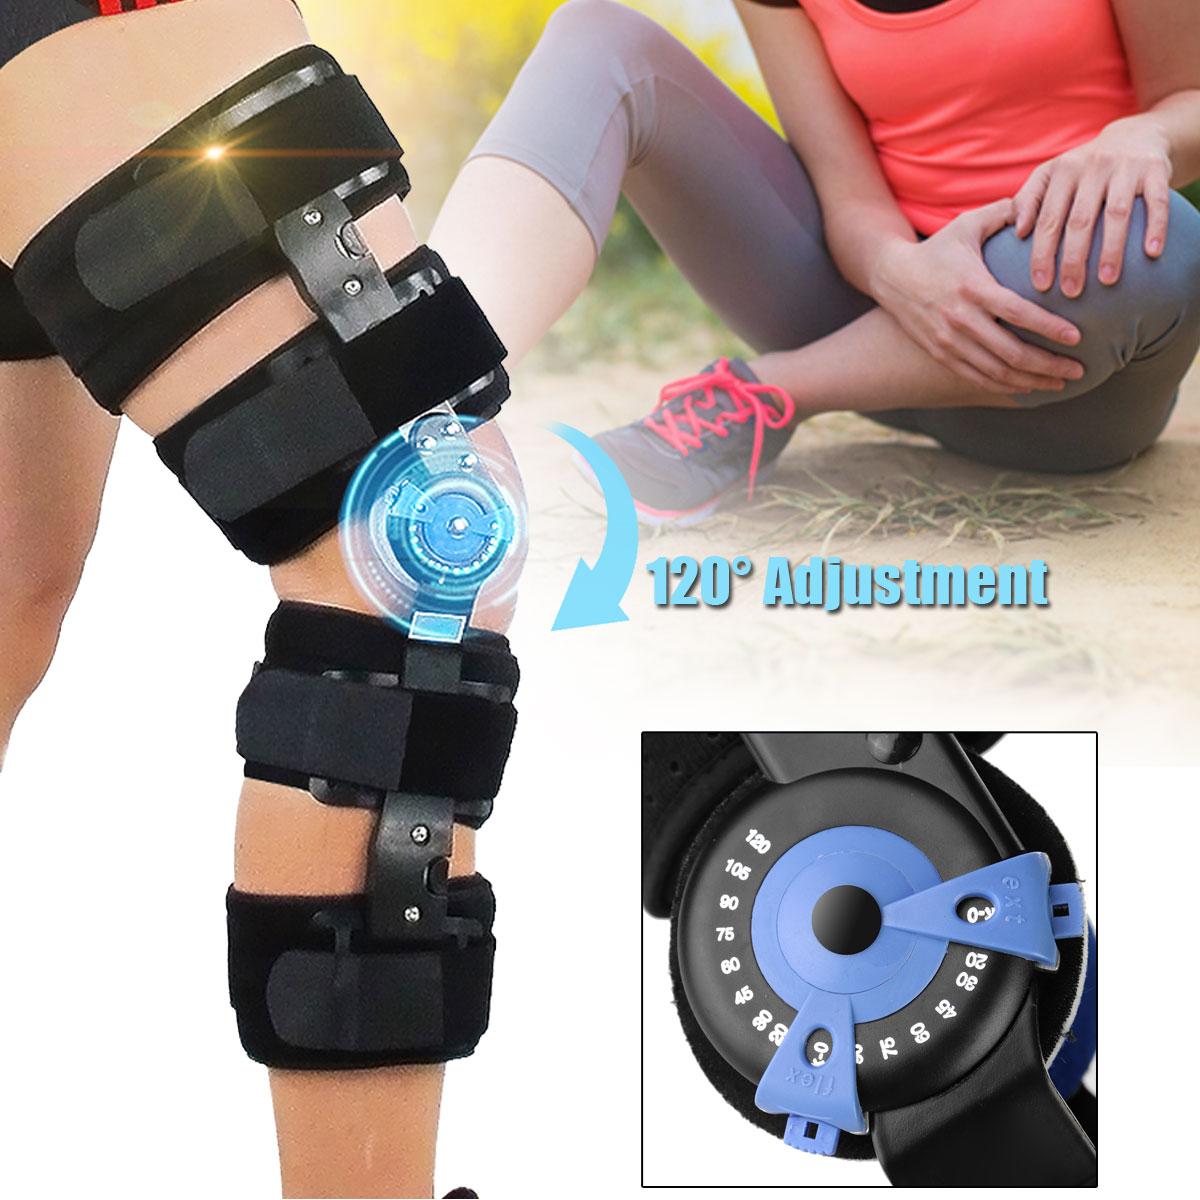 KIFIT ROM de Qualité Médicale 0-120 Degrés Réglable Articulé Genou Leg Brace Soutien et Protéger Genou